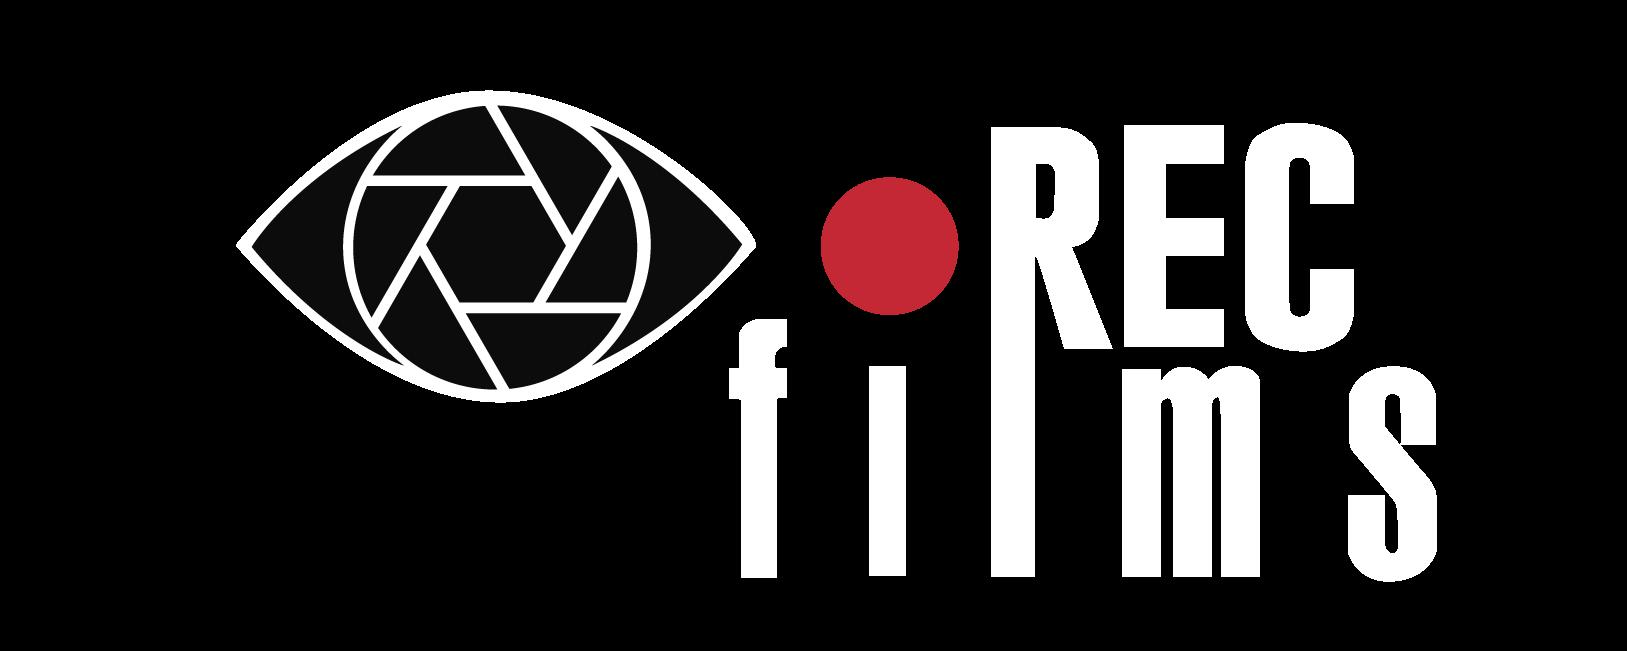 alta definicion rec films